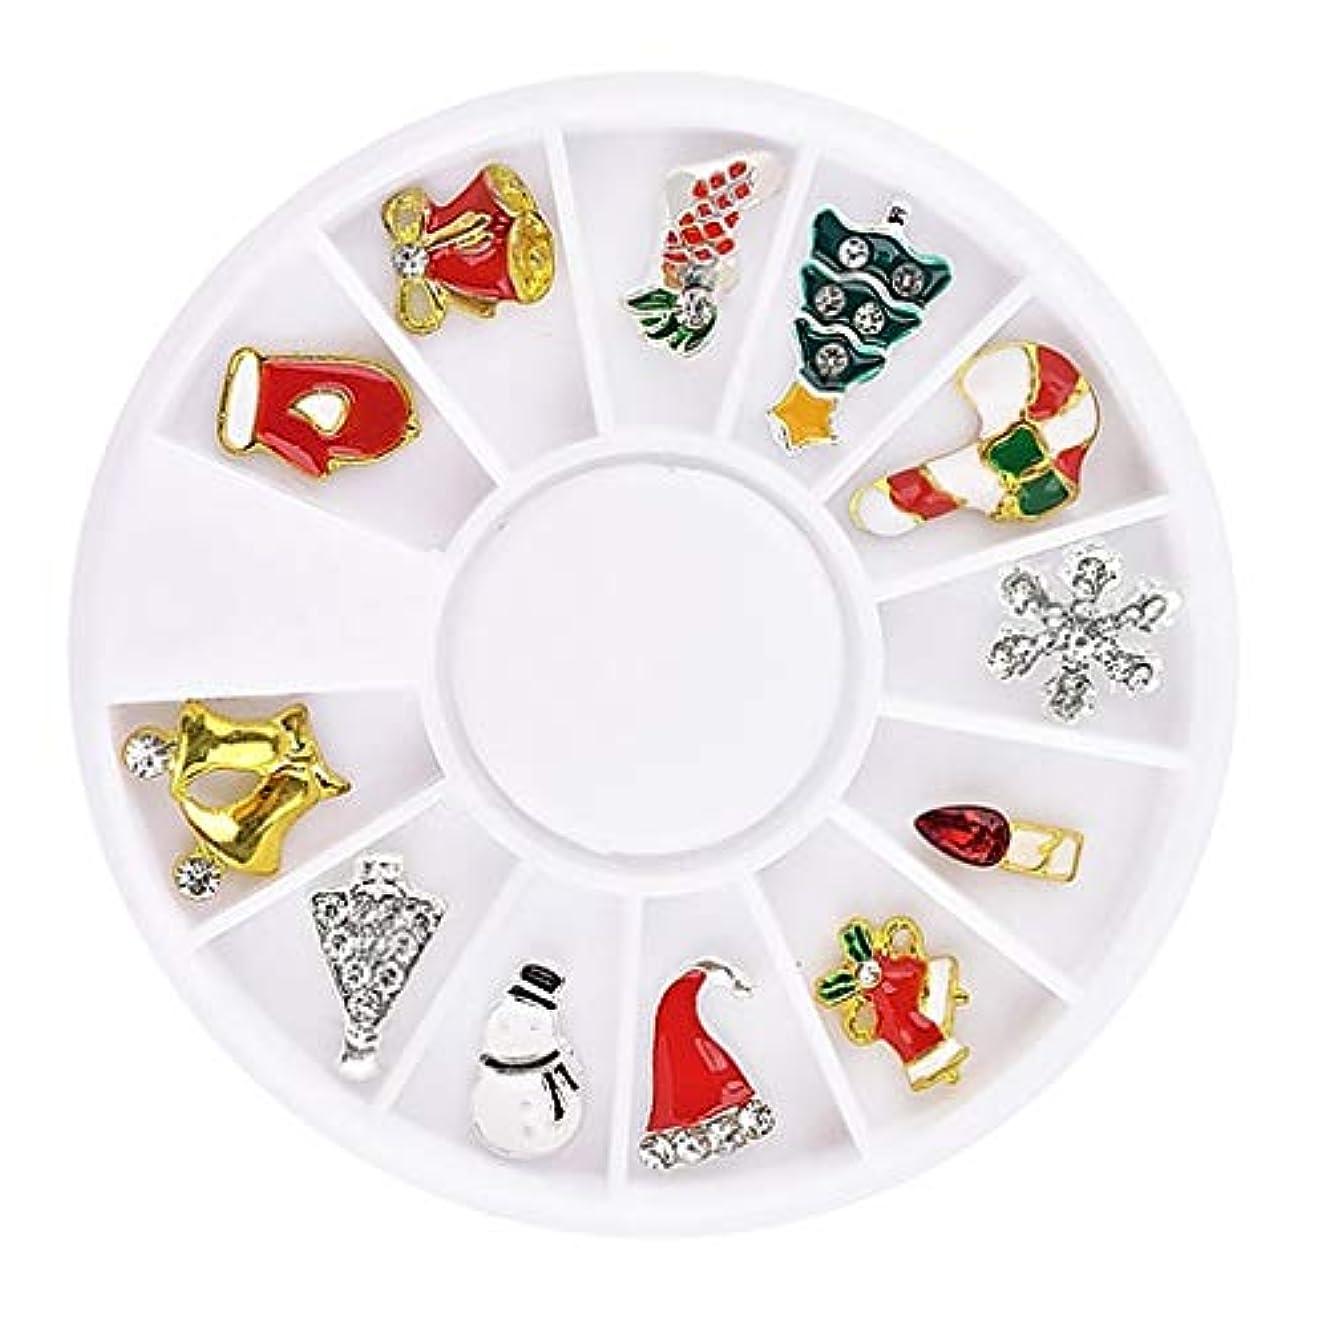 傑作熱心レンズCUTICATE ネイル用品 クリスマス風 ネイルアートステッカー 3Dネイルアート ネイルアートシール 12枚セット - #3